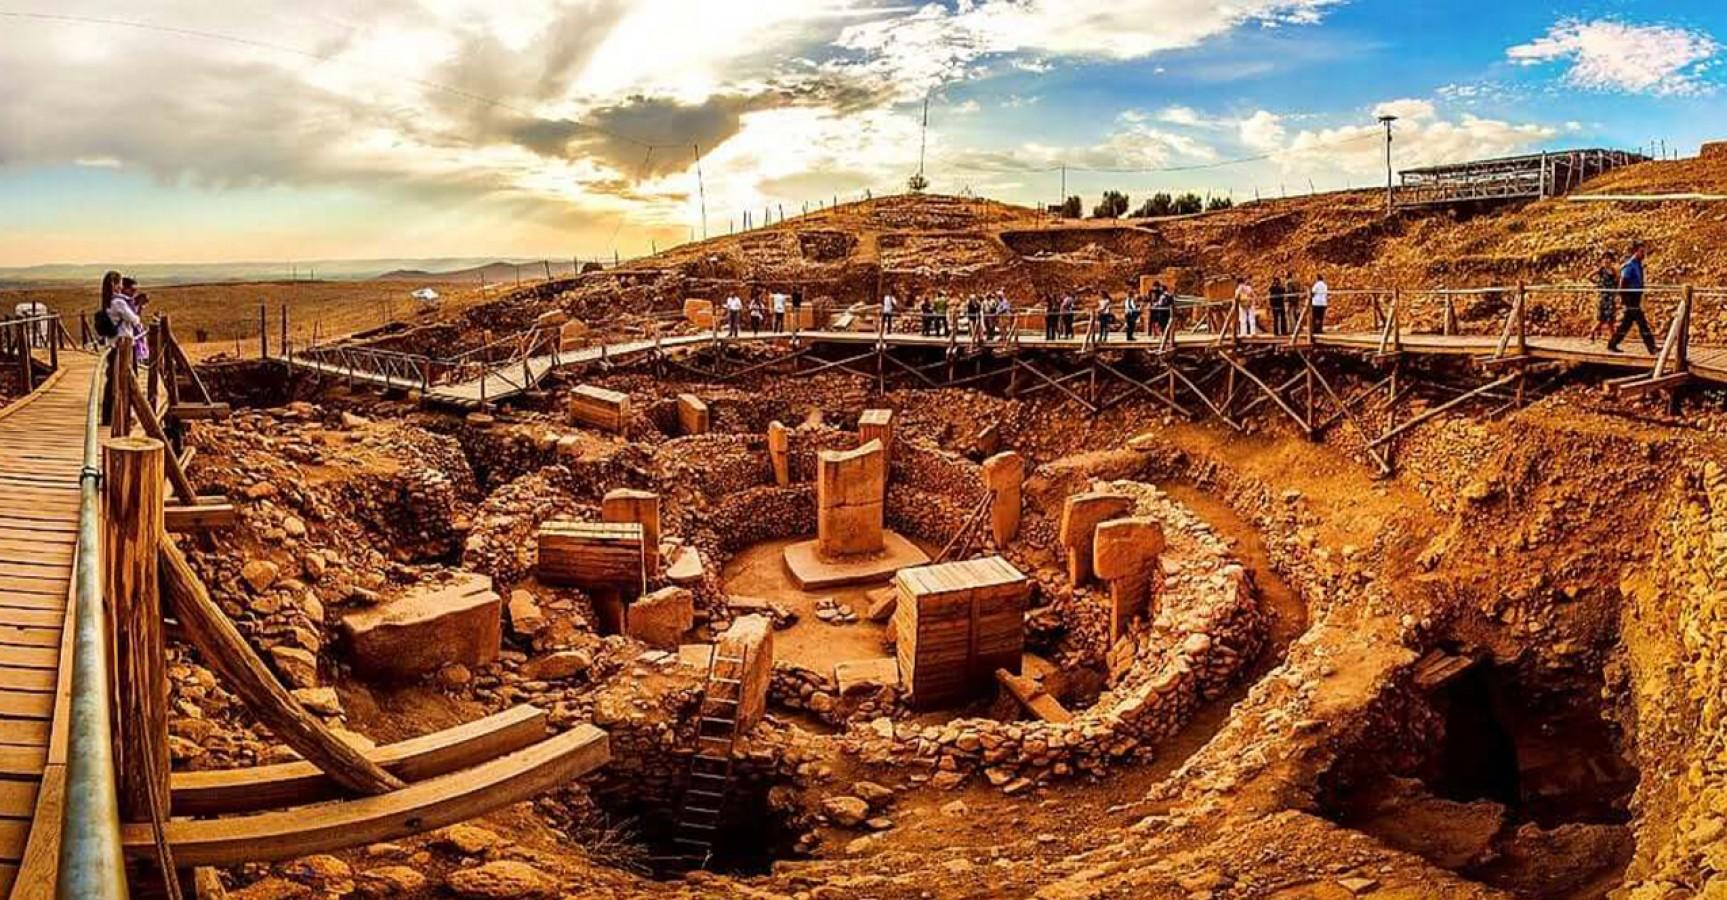 Turizmcilerden Göbeklitepe çıkışı: